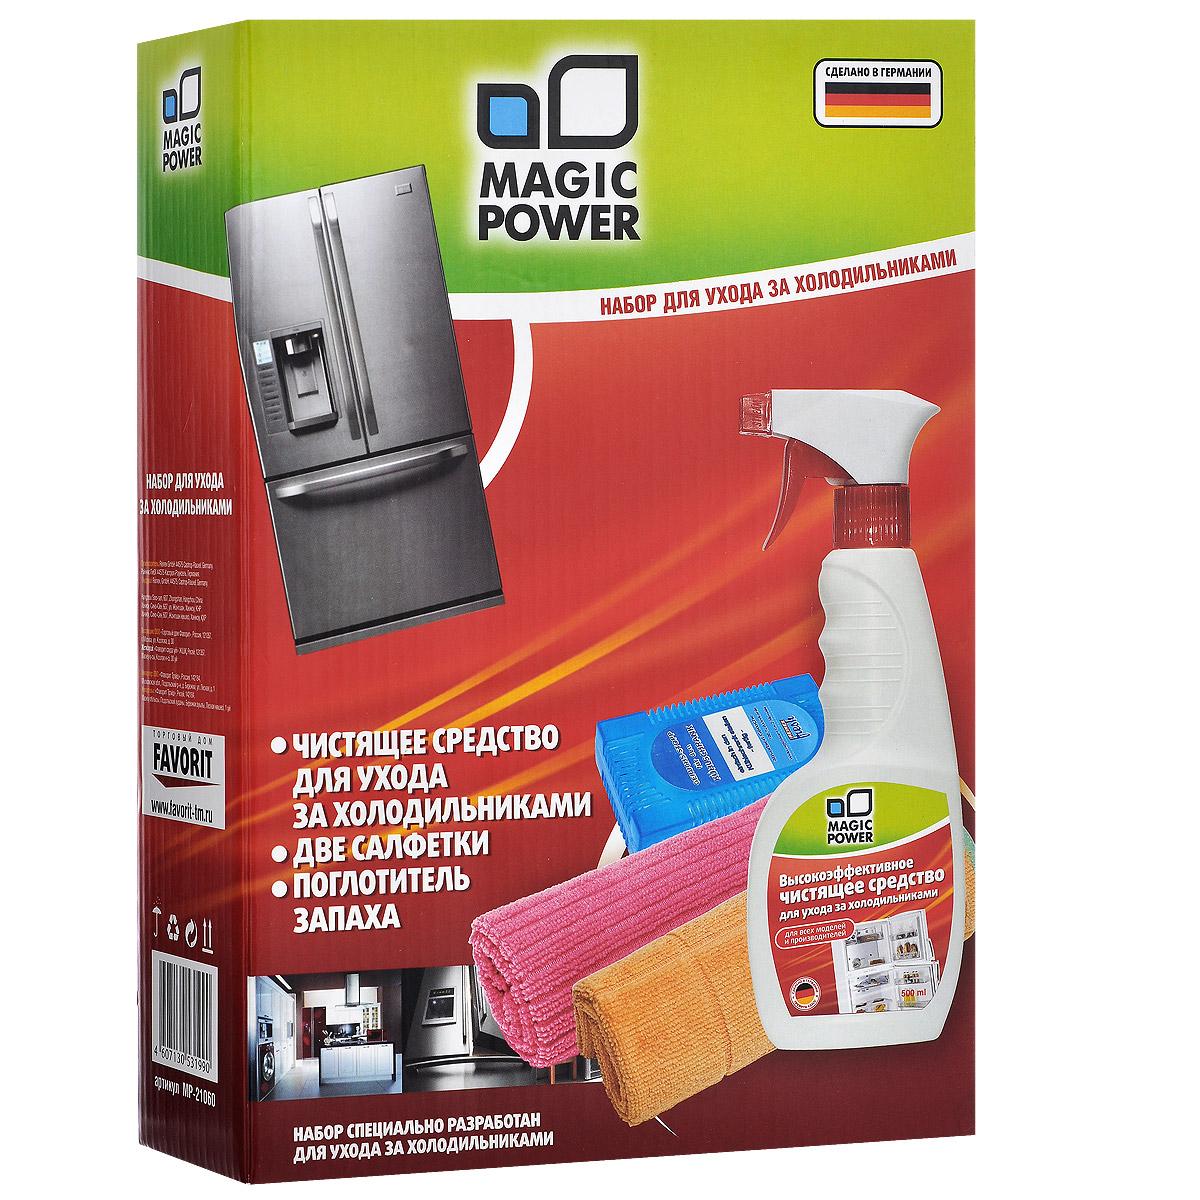 Набор для ухода за холодильниками Magic Power, 4 предметаMP-2030Набор для ухода за холодильниками Magic Power состоит из чистящего средства, двухсалфеток и поглотителя запаха. Чистящее средство предназначено для очистки внутреннего и внешнего пространствахолодильника. Обладает антибактериальным действием, предотвращает образование плесени.Объем: 500 мл.Салфетка из микрофибры для ухода за холодильниками (35 см х 40 см) предназначена дляочистки внутренней и внешней поверхности холодильника от любых загрязнений, для полировкии придания блеска. Не оставляет разводов и ворсинок. Обладает повышенной прочностью. Салфетка из микрофибры для ухода за бытовой техникой (30 см х 30 см) быстро и легко удаляетлюбые загрязнения, не оставляет разводов и ворсинок, обладает повышенной прочностью,хорошо впитывает влагу. Можно использовать как самостоятельно, так и с любым средством поуходу за бытовой техникой. Высокоэффективное средство для поглощения запахов в холодильнике содержит гранулыактивированного угля, являющегося лучшим из адсорбентов. Активированный уголь способенполностью поглощать неприятные запахи, даже таких продуктов, как чеснок, лук, сыр, рыба и т.д.,не выделяя собственных запахов. Не воздействует на продукты, сохраняя их натуральныеароматы. В наборе Magic Power есть все необходимое для очистки внутреннего и внешнего пространствахолодильника.Товар сертифицирован.